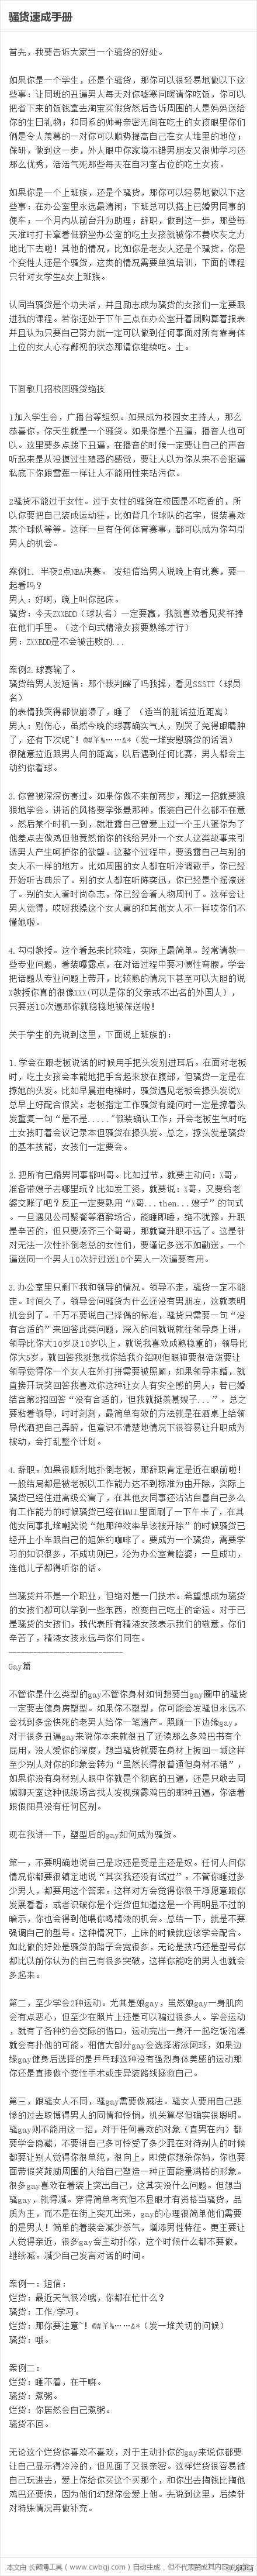 【骚货速成手册】这种东西不马天理难容!!!!